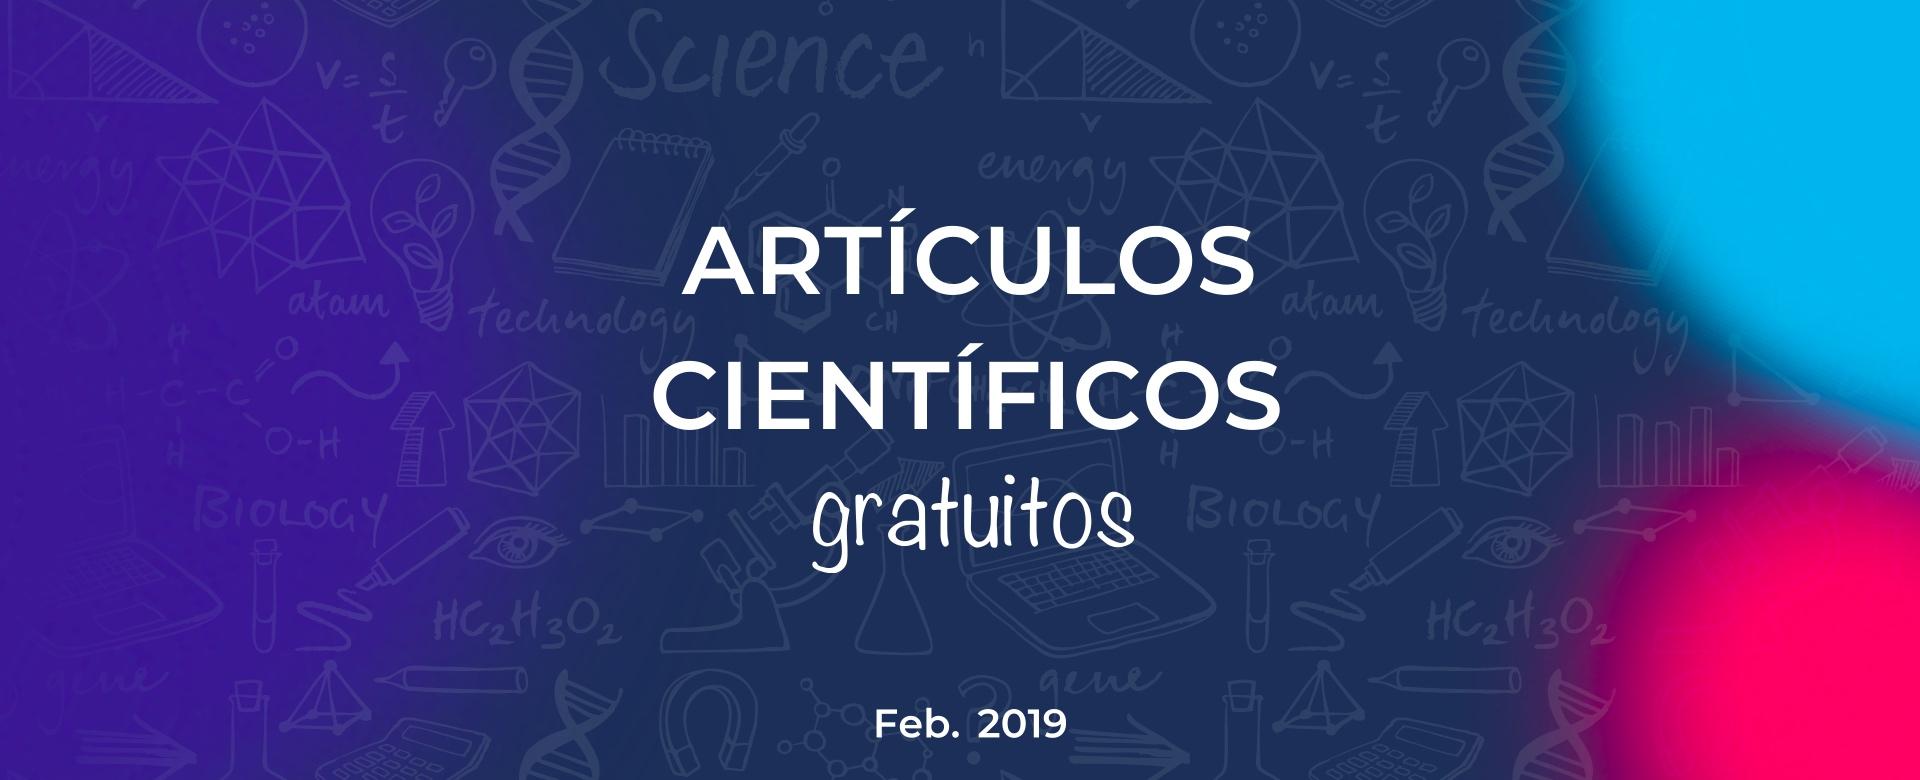 Artículos científicos gratuitos – Febrero 2019